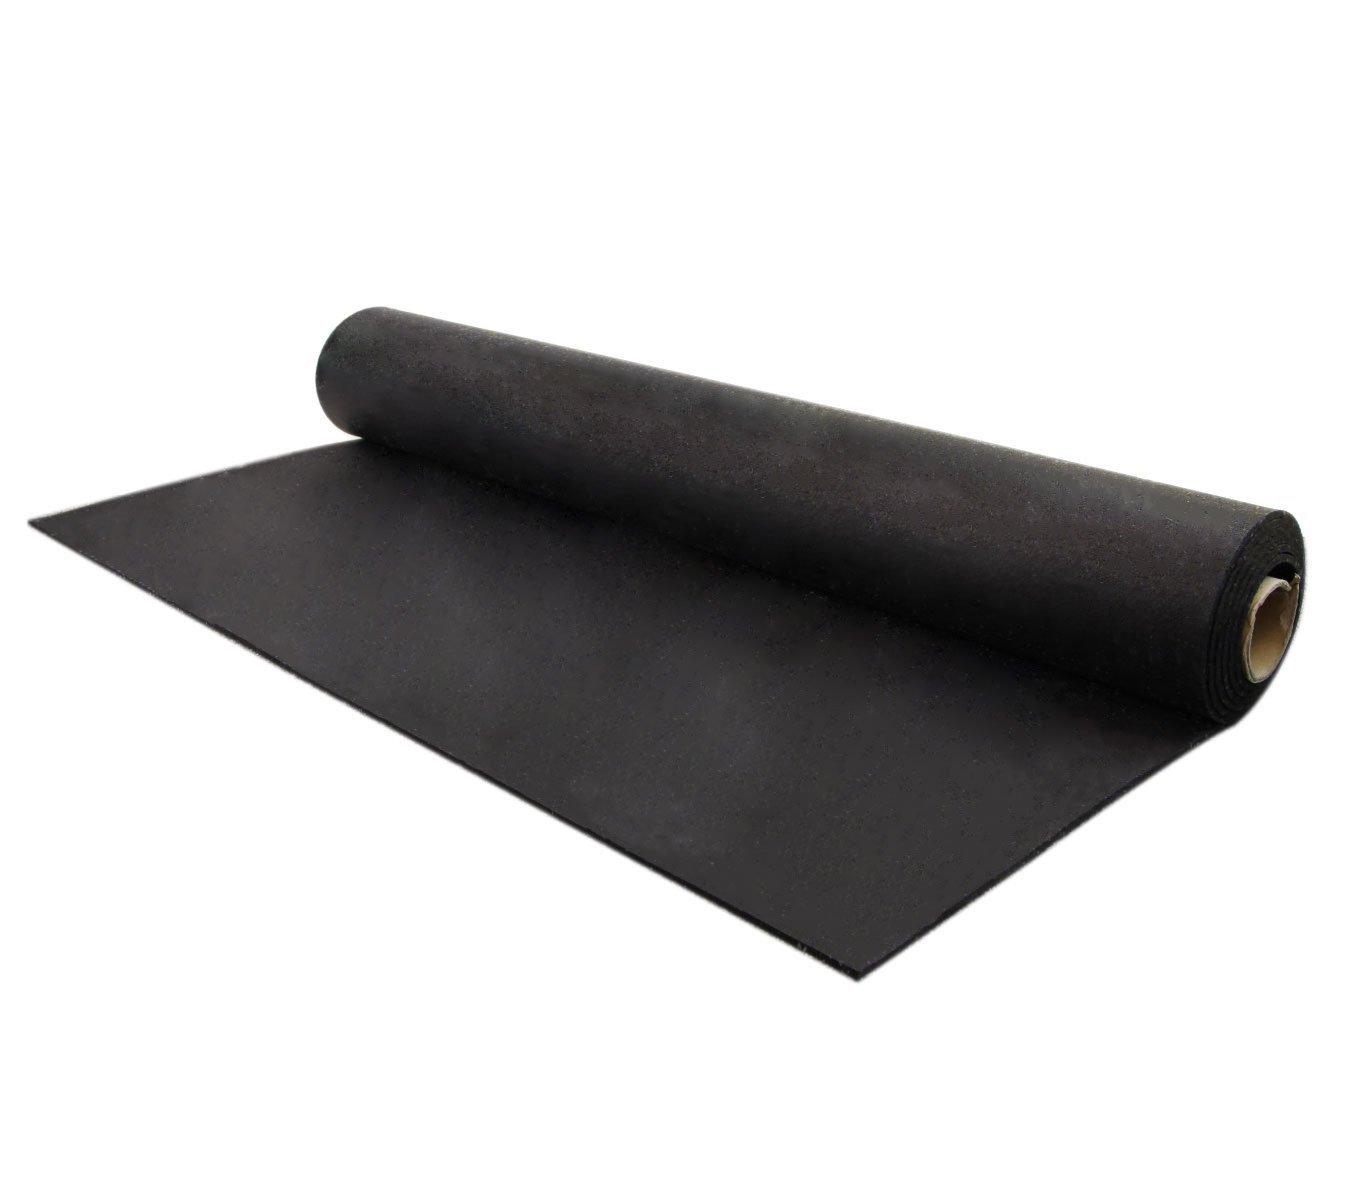 Treadmill Elliptical IncStores 5mm Rubber Flooring Gym Mats 4ft x 15ft Equipment Mats Light Duty Home Gym Flooring Exercise Mats Brown//Tan, 4ft x 15ft